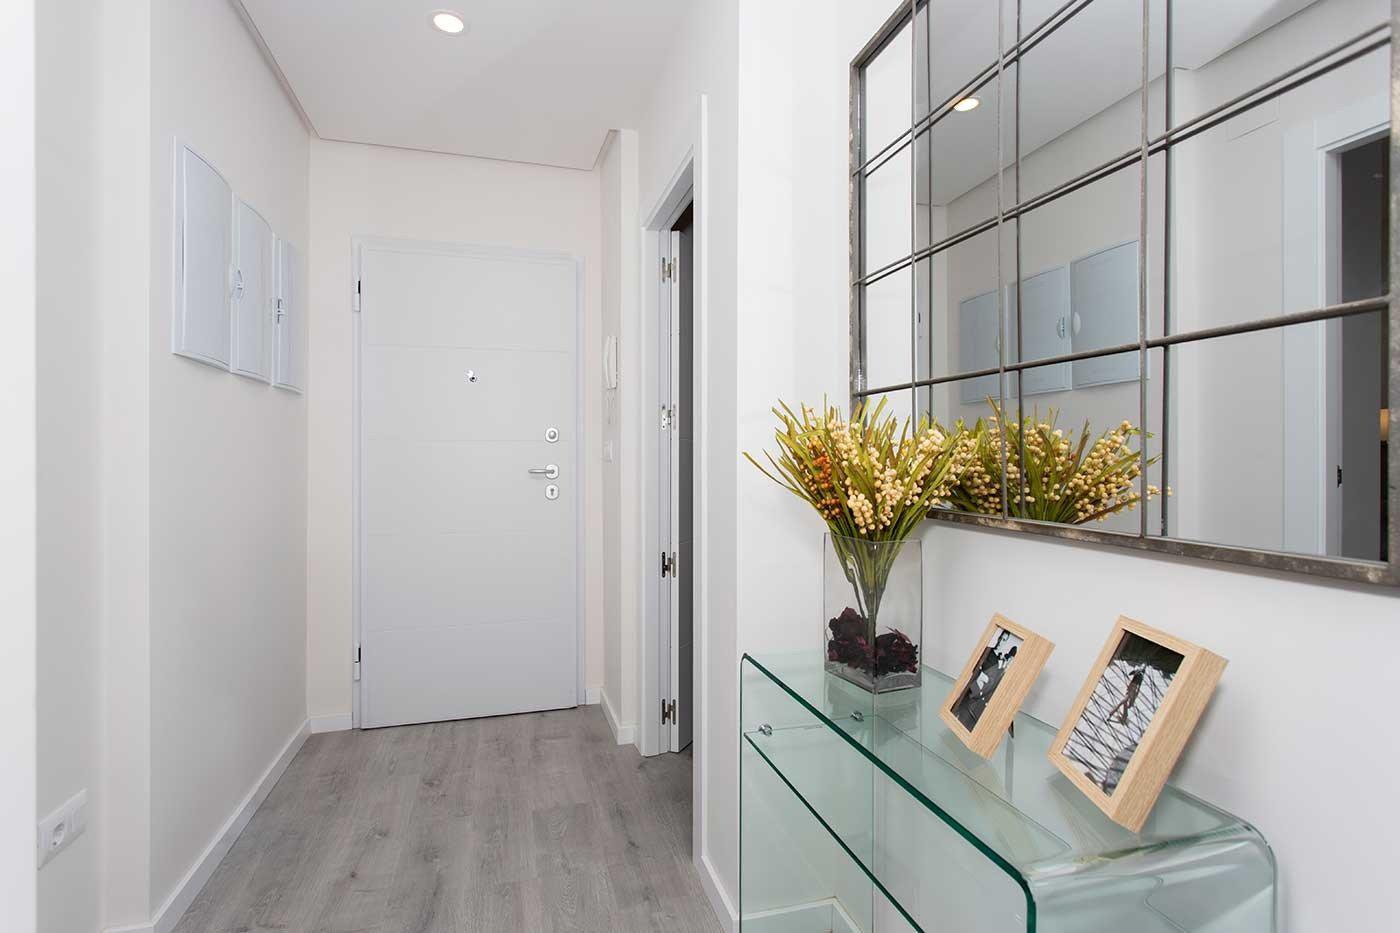 Complejo de estilo moderno con apartamentos de 2,3 dormitorios y 2 baños con amplias terra - imagenInmueble3